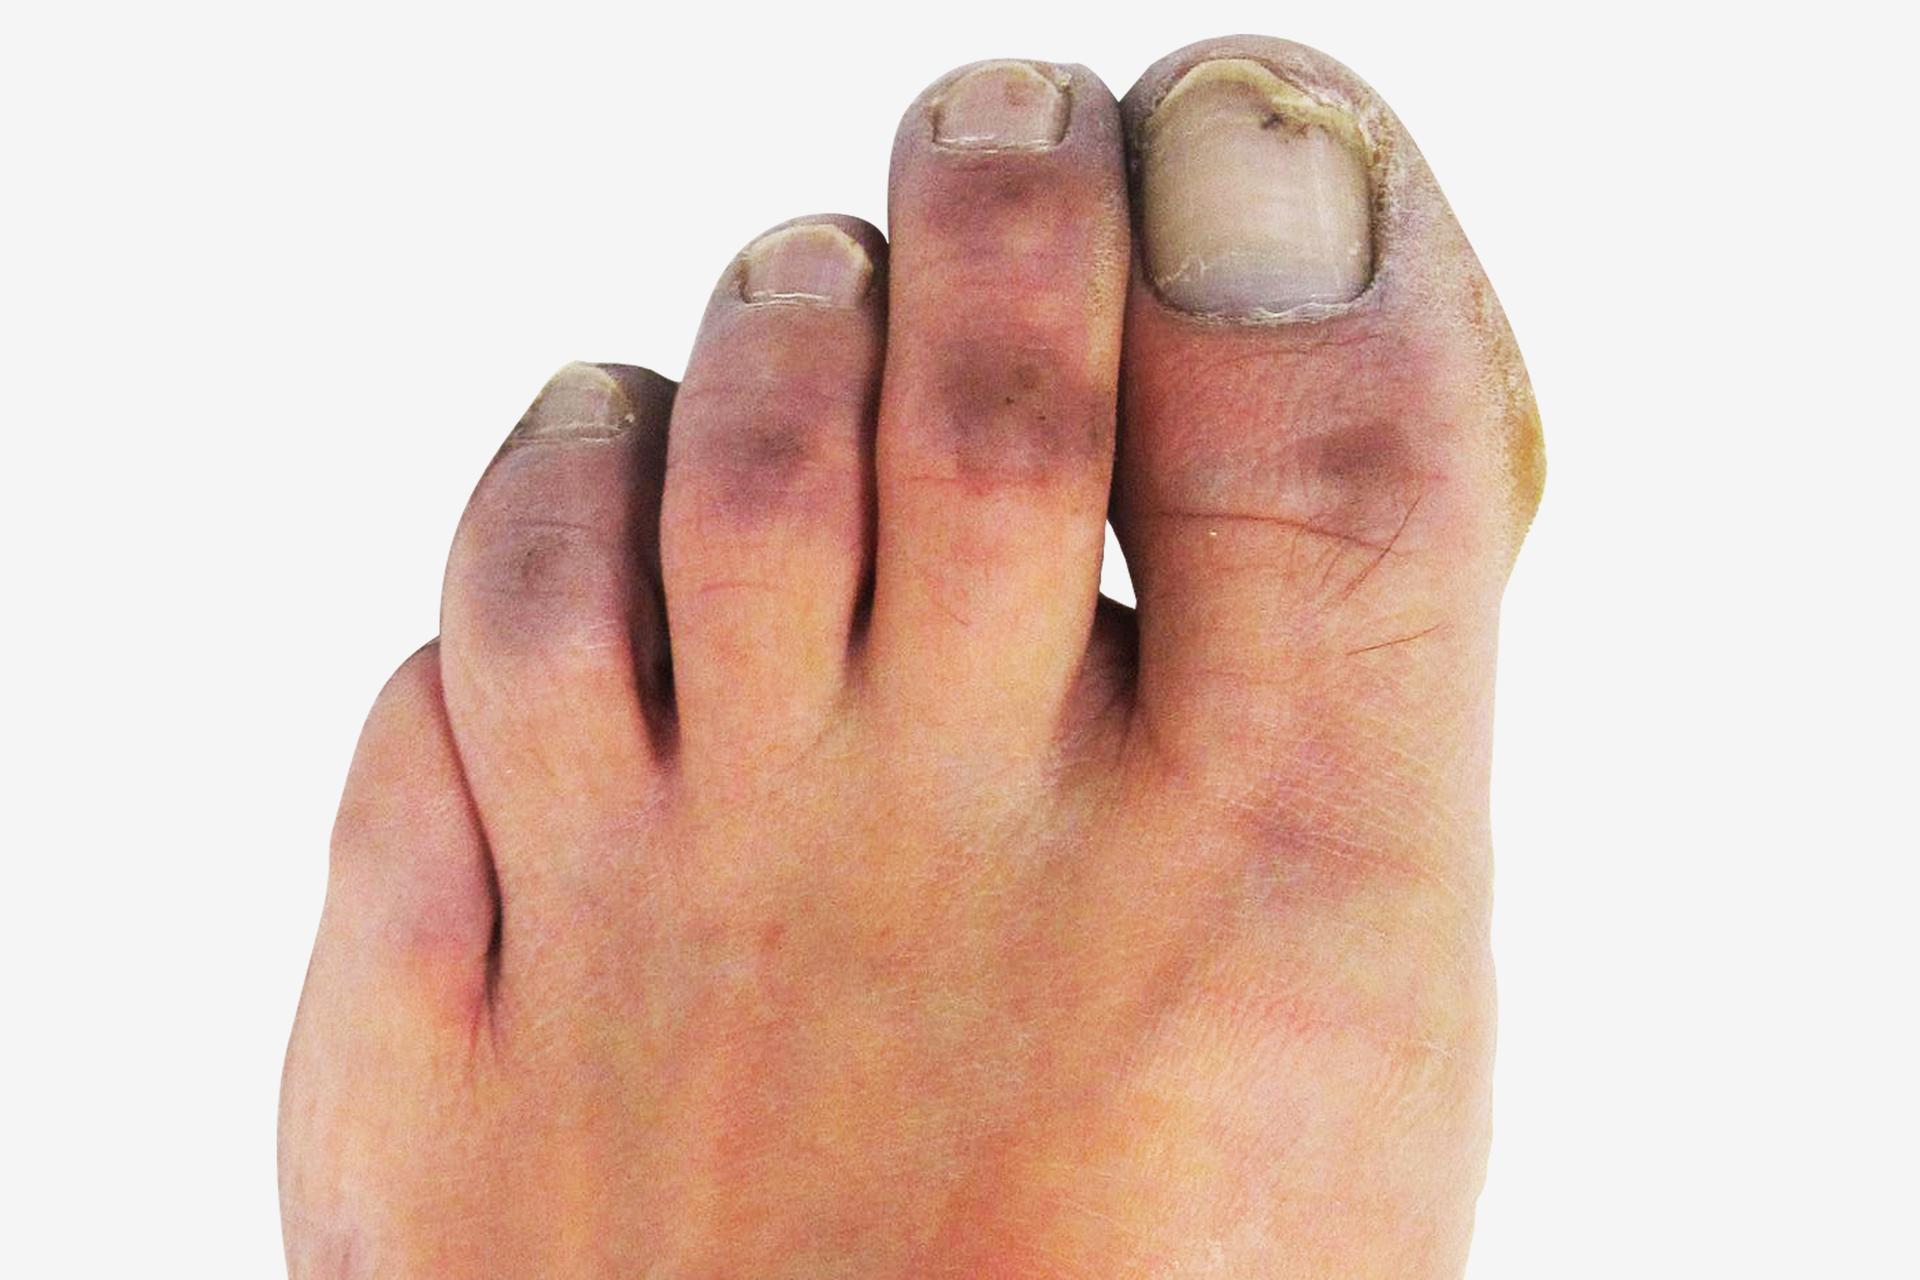 Galeria 1 składa się zdwóch zdjęć. Kolorowe zdjęcie po lewej przedstawia palce stóp zgłębokim odmrożeniem II stopnia. Górna część wszystkich palców jest pokryta fioletową skórą. Paznokcie są szare.